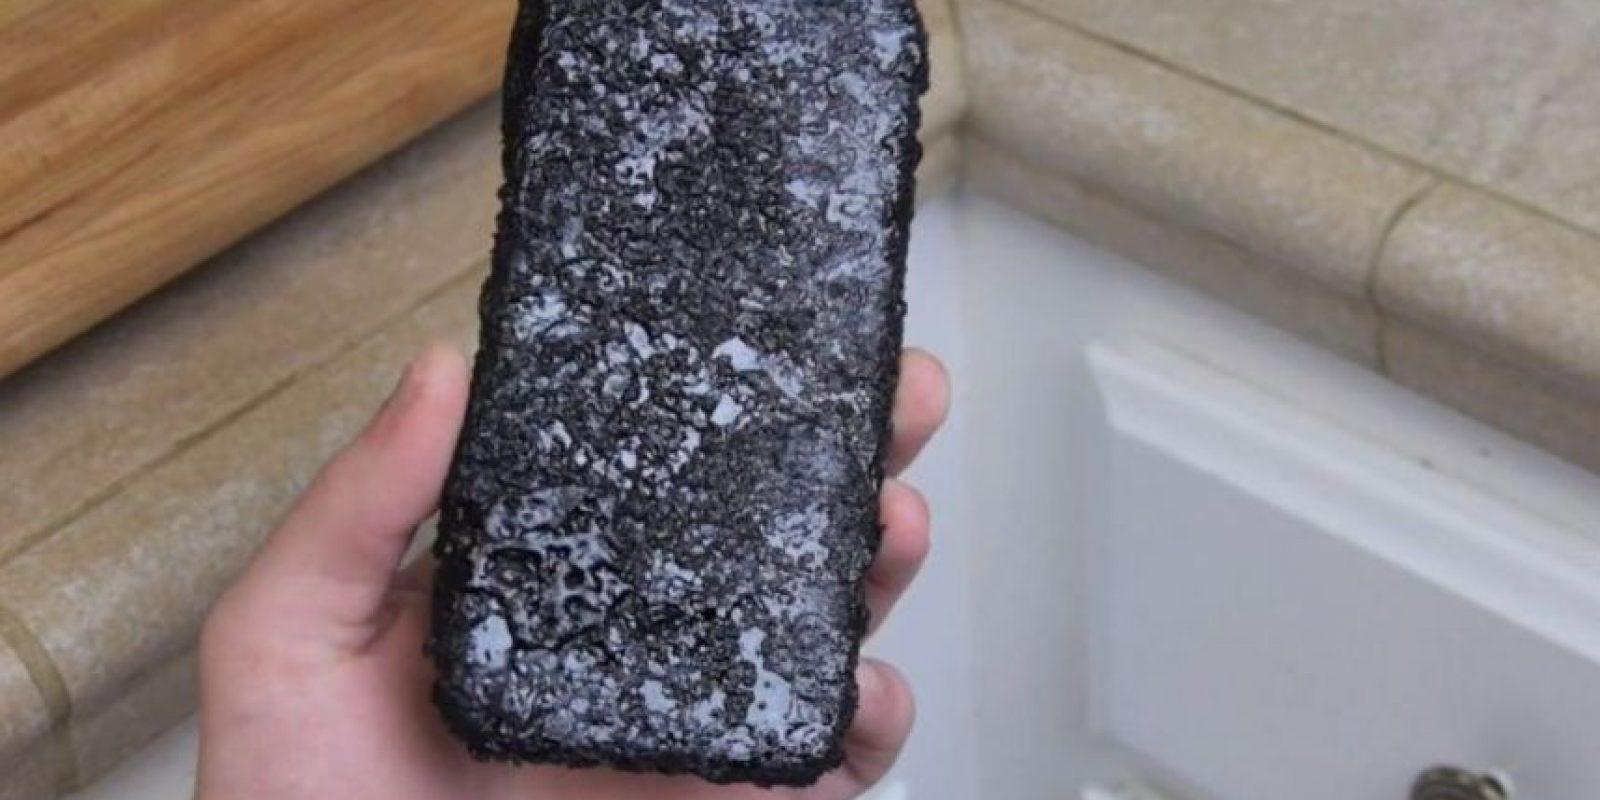 Una capa del líquido quedó en el dispositivo. Foto:TechRax / YouTube